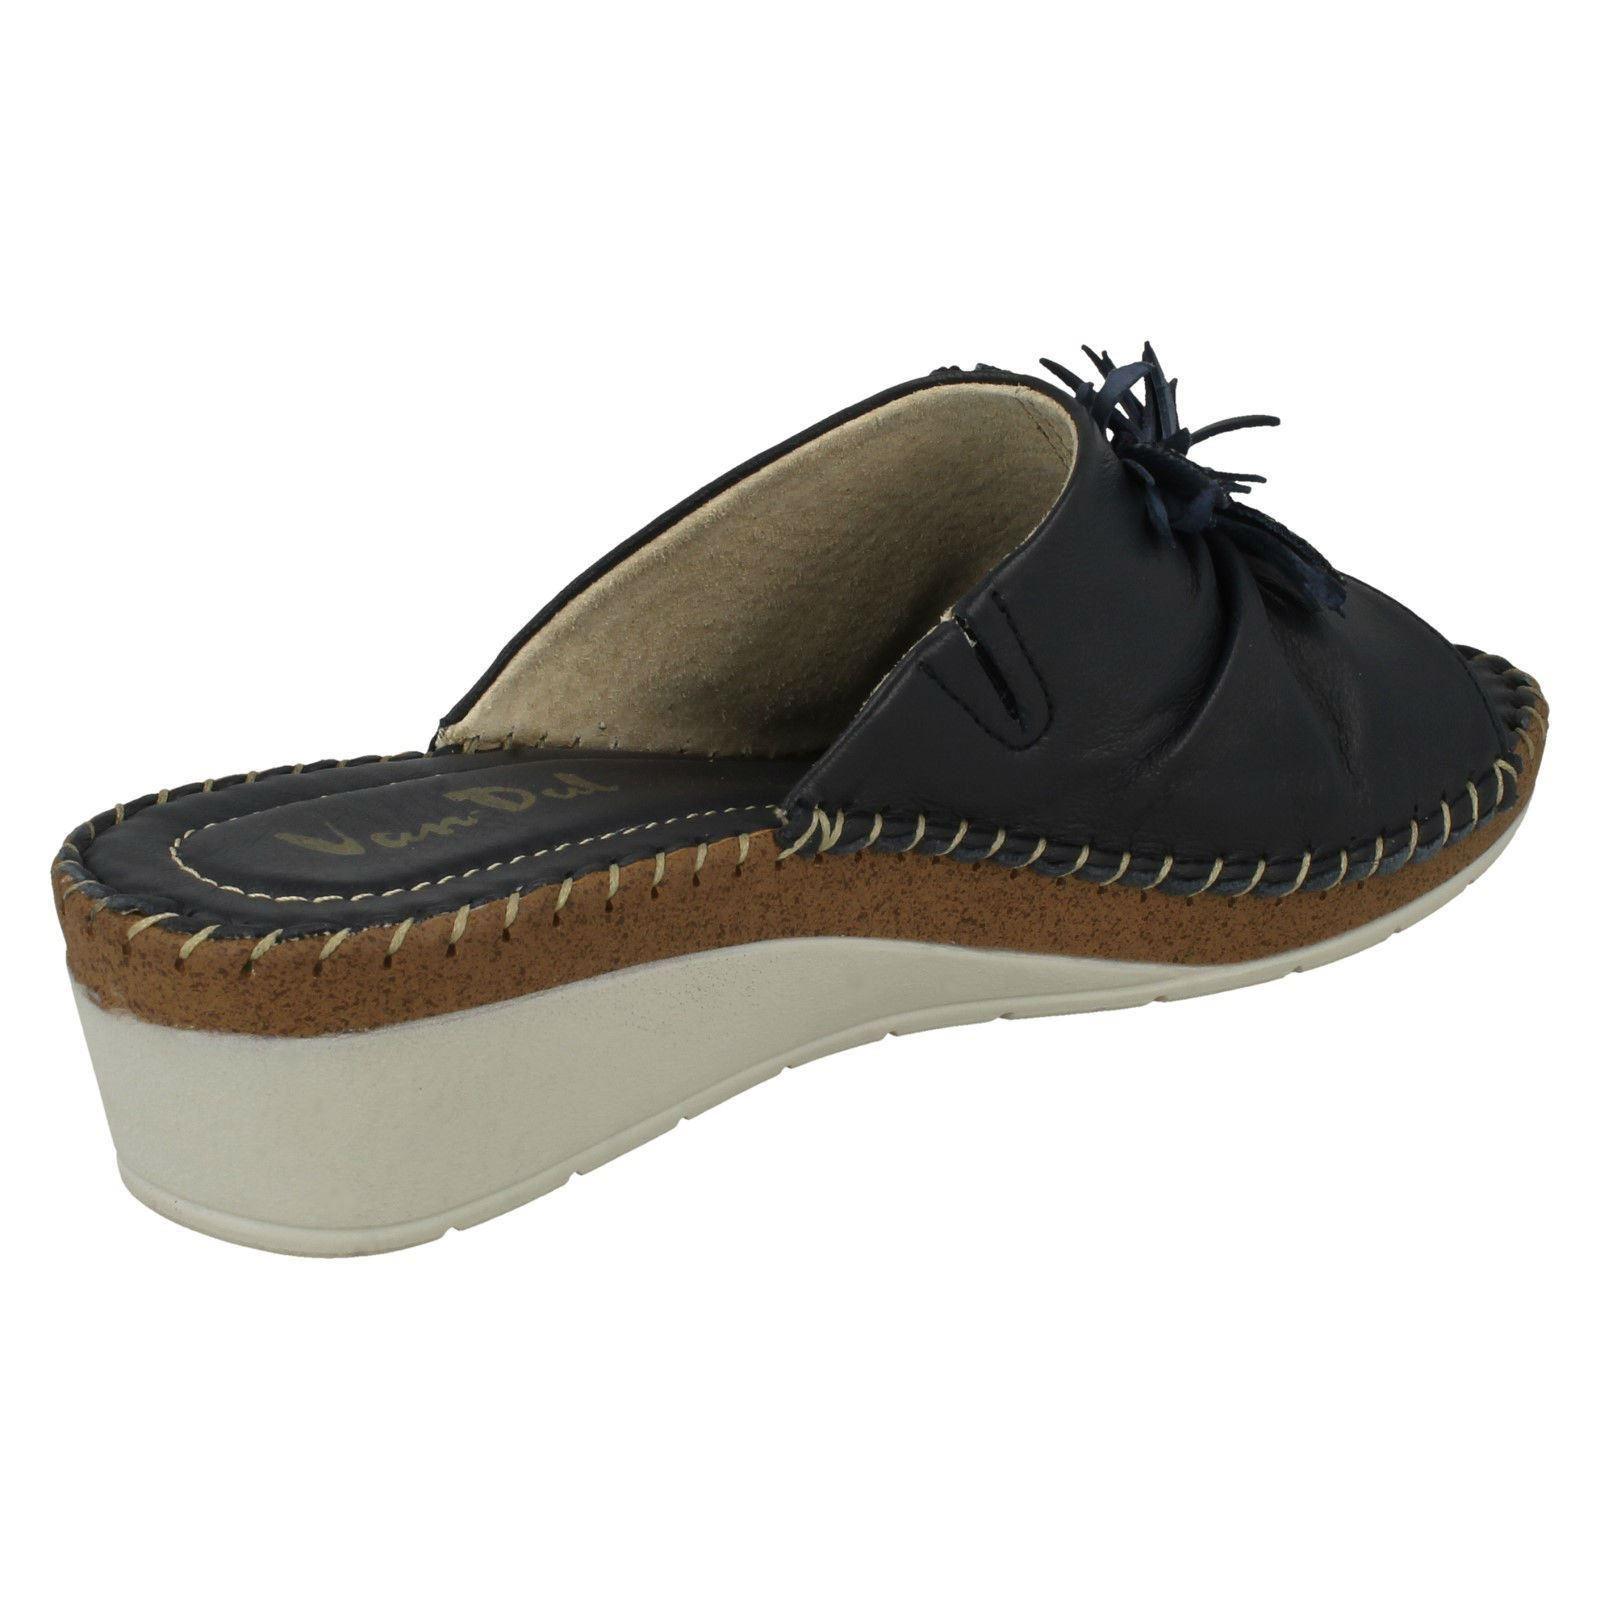 Ladies-Van-Dal-Wedge-Heel-Mule-Sandals-039-Banks-039 thumbnail 12